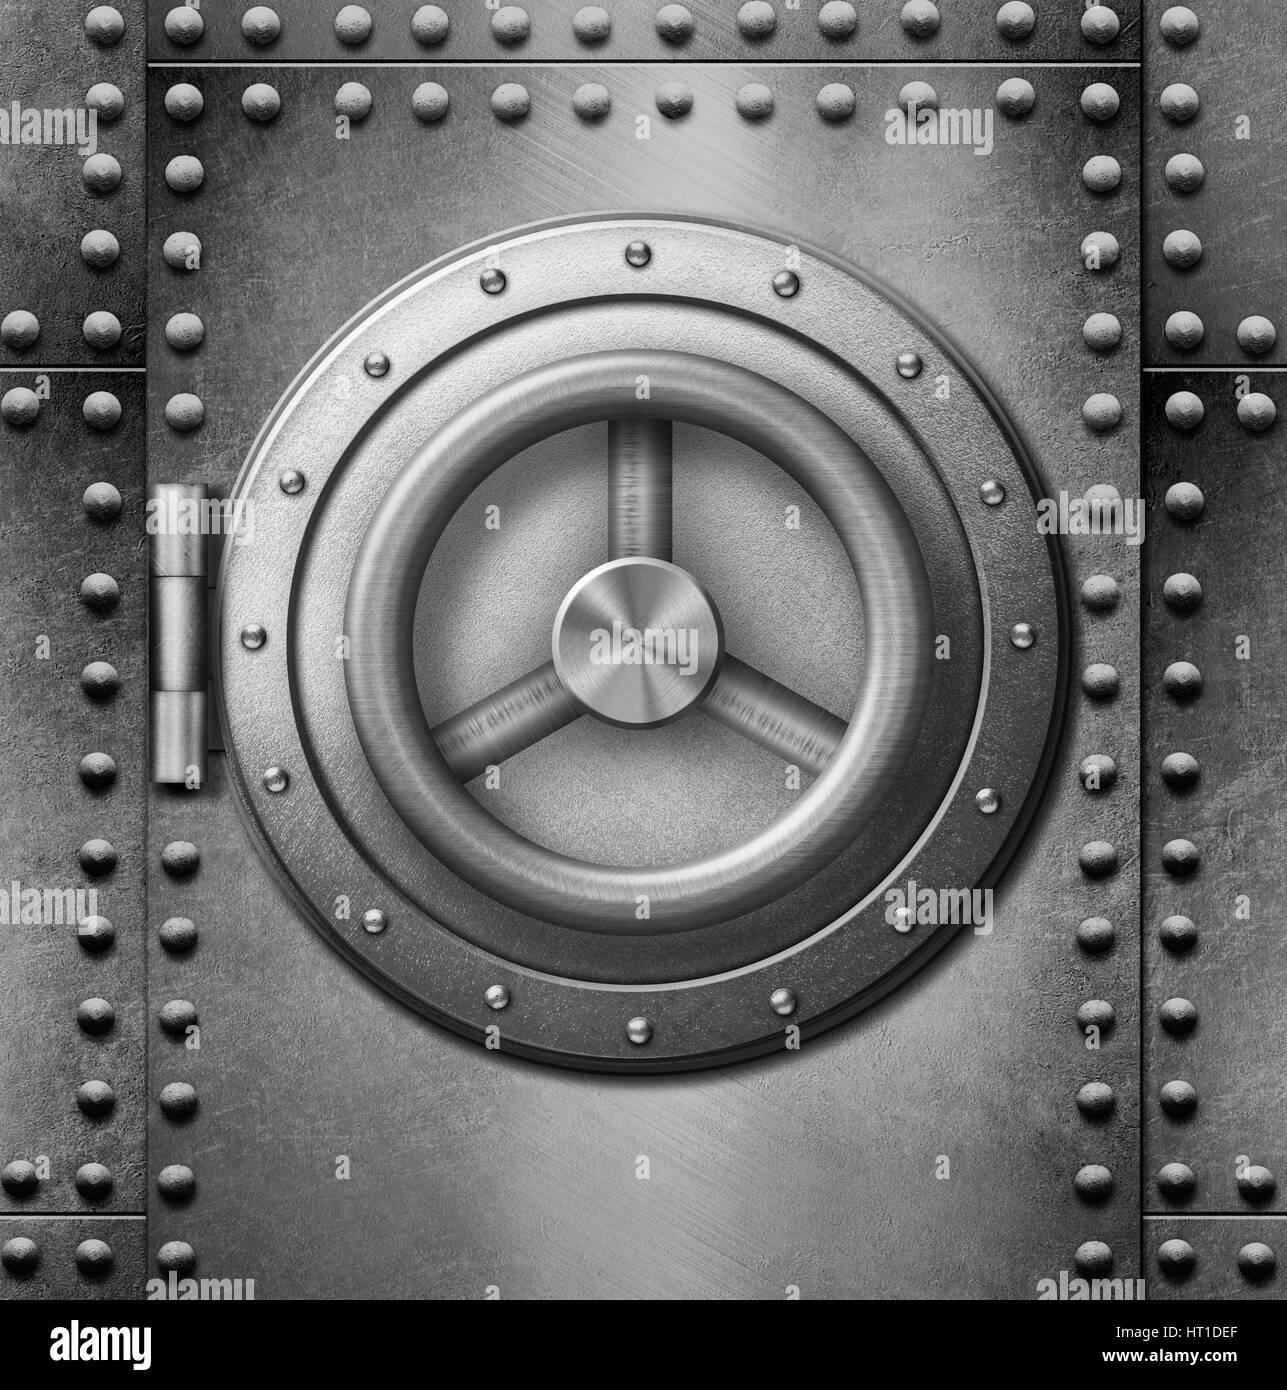 metal safe or door 3d illustration - Stock Image